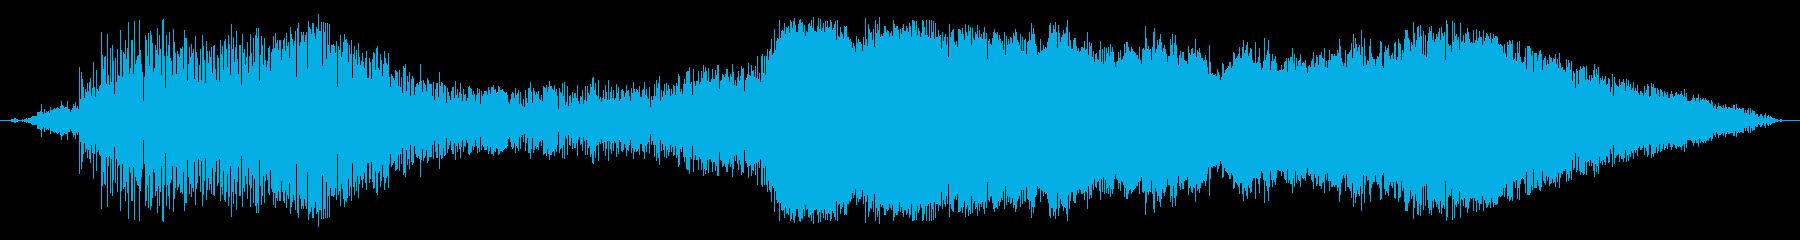 【レース04】ド迫力のエンジン効果音!の再生済みの波形